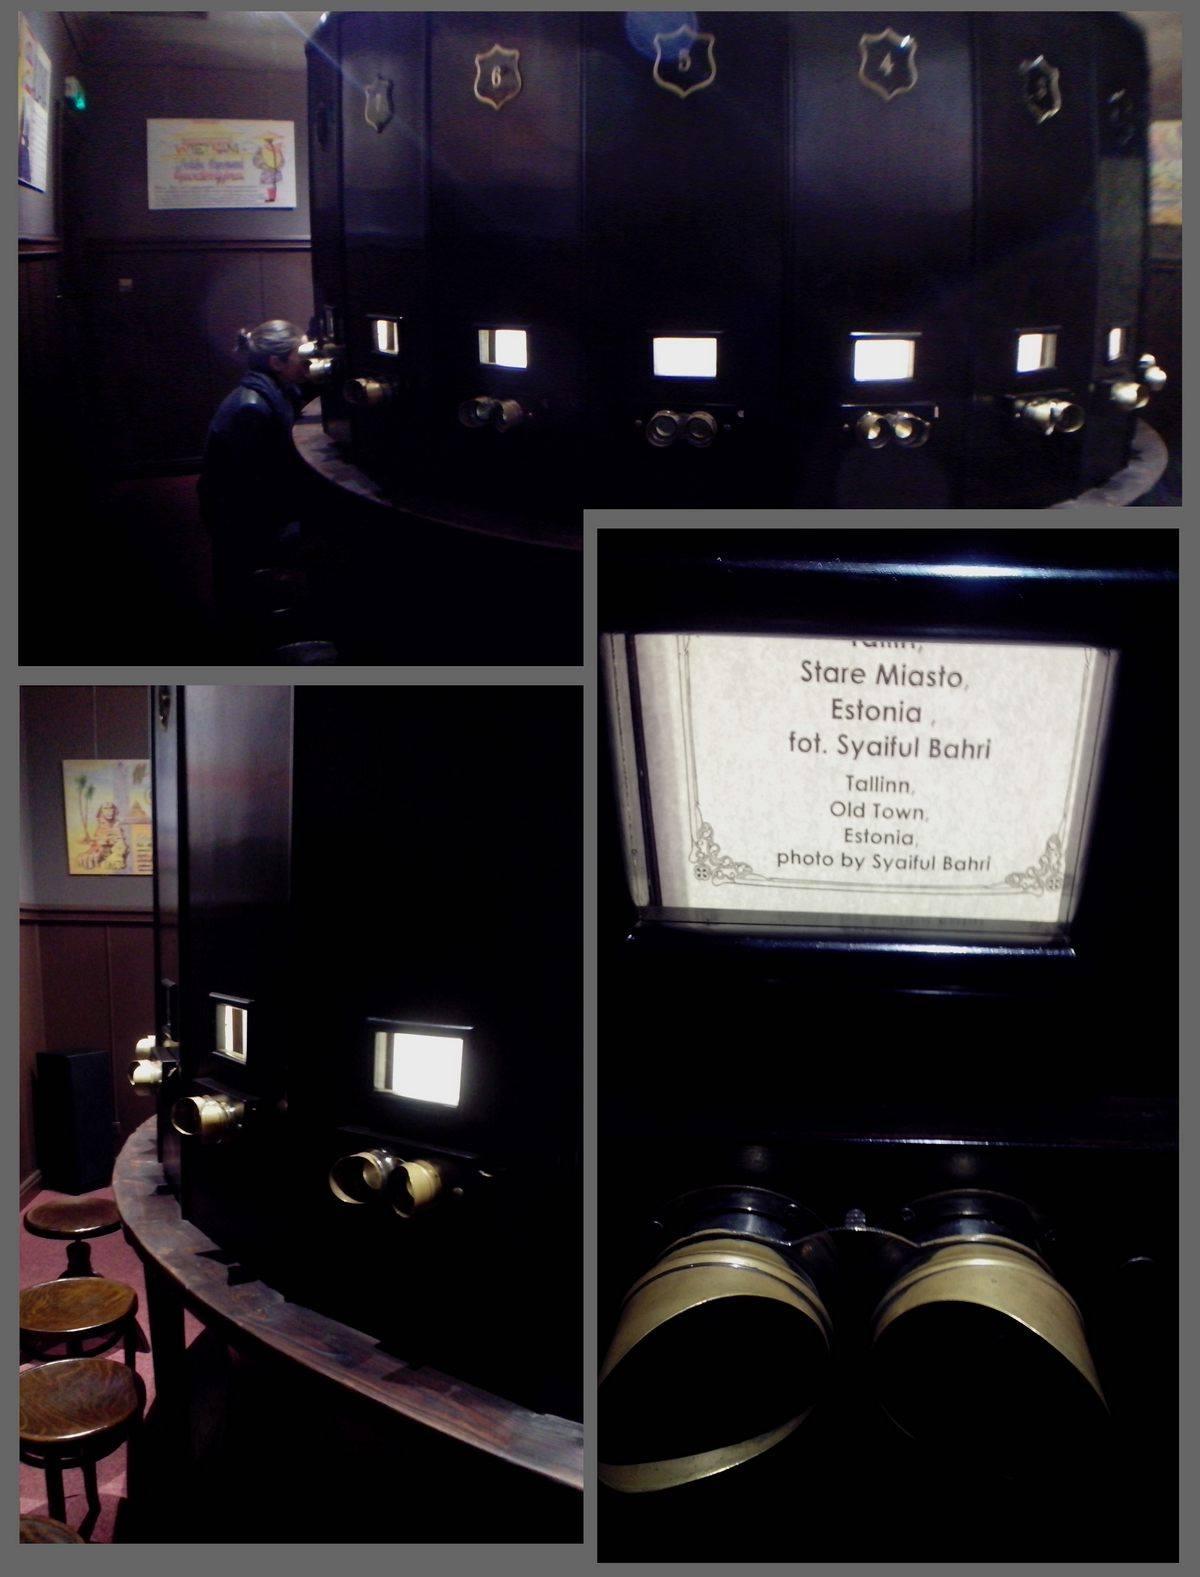 Koleksi Gambar 3D Citra Stereoskop